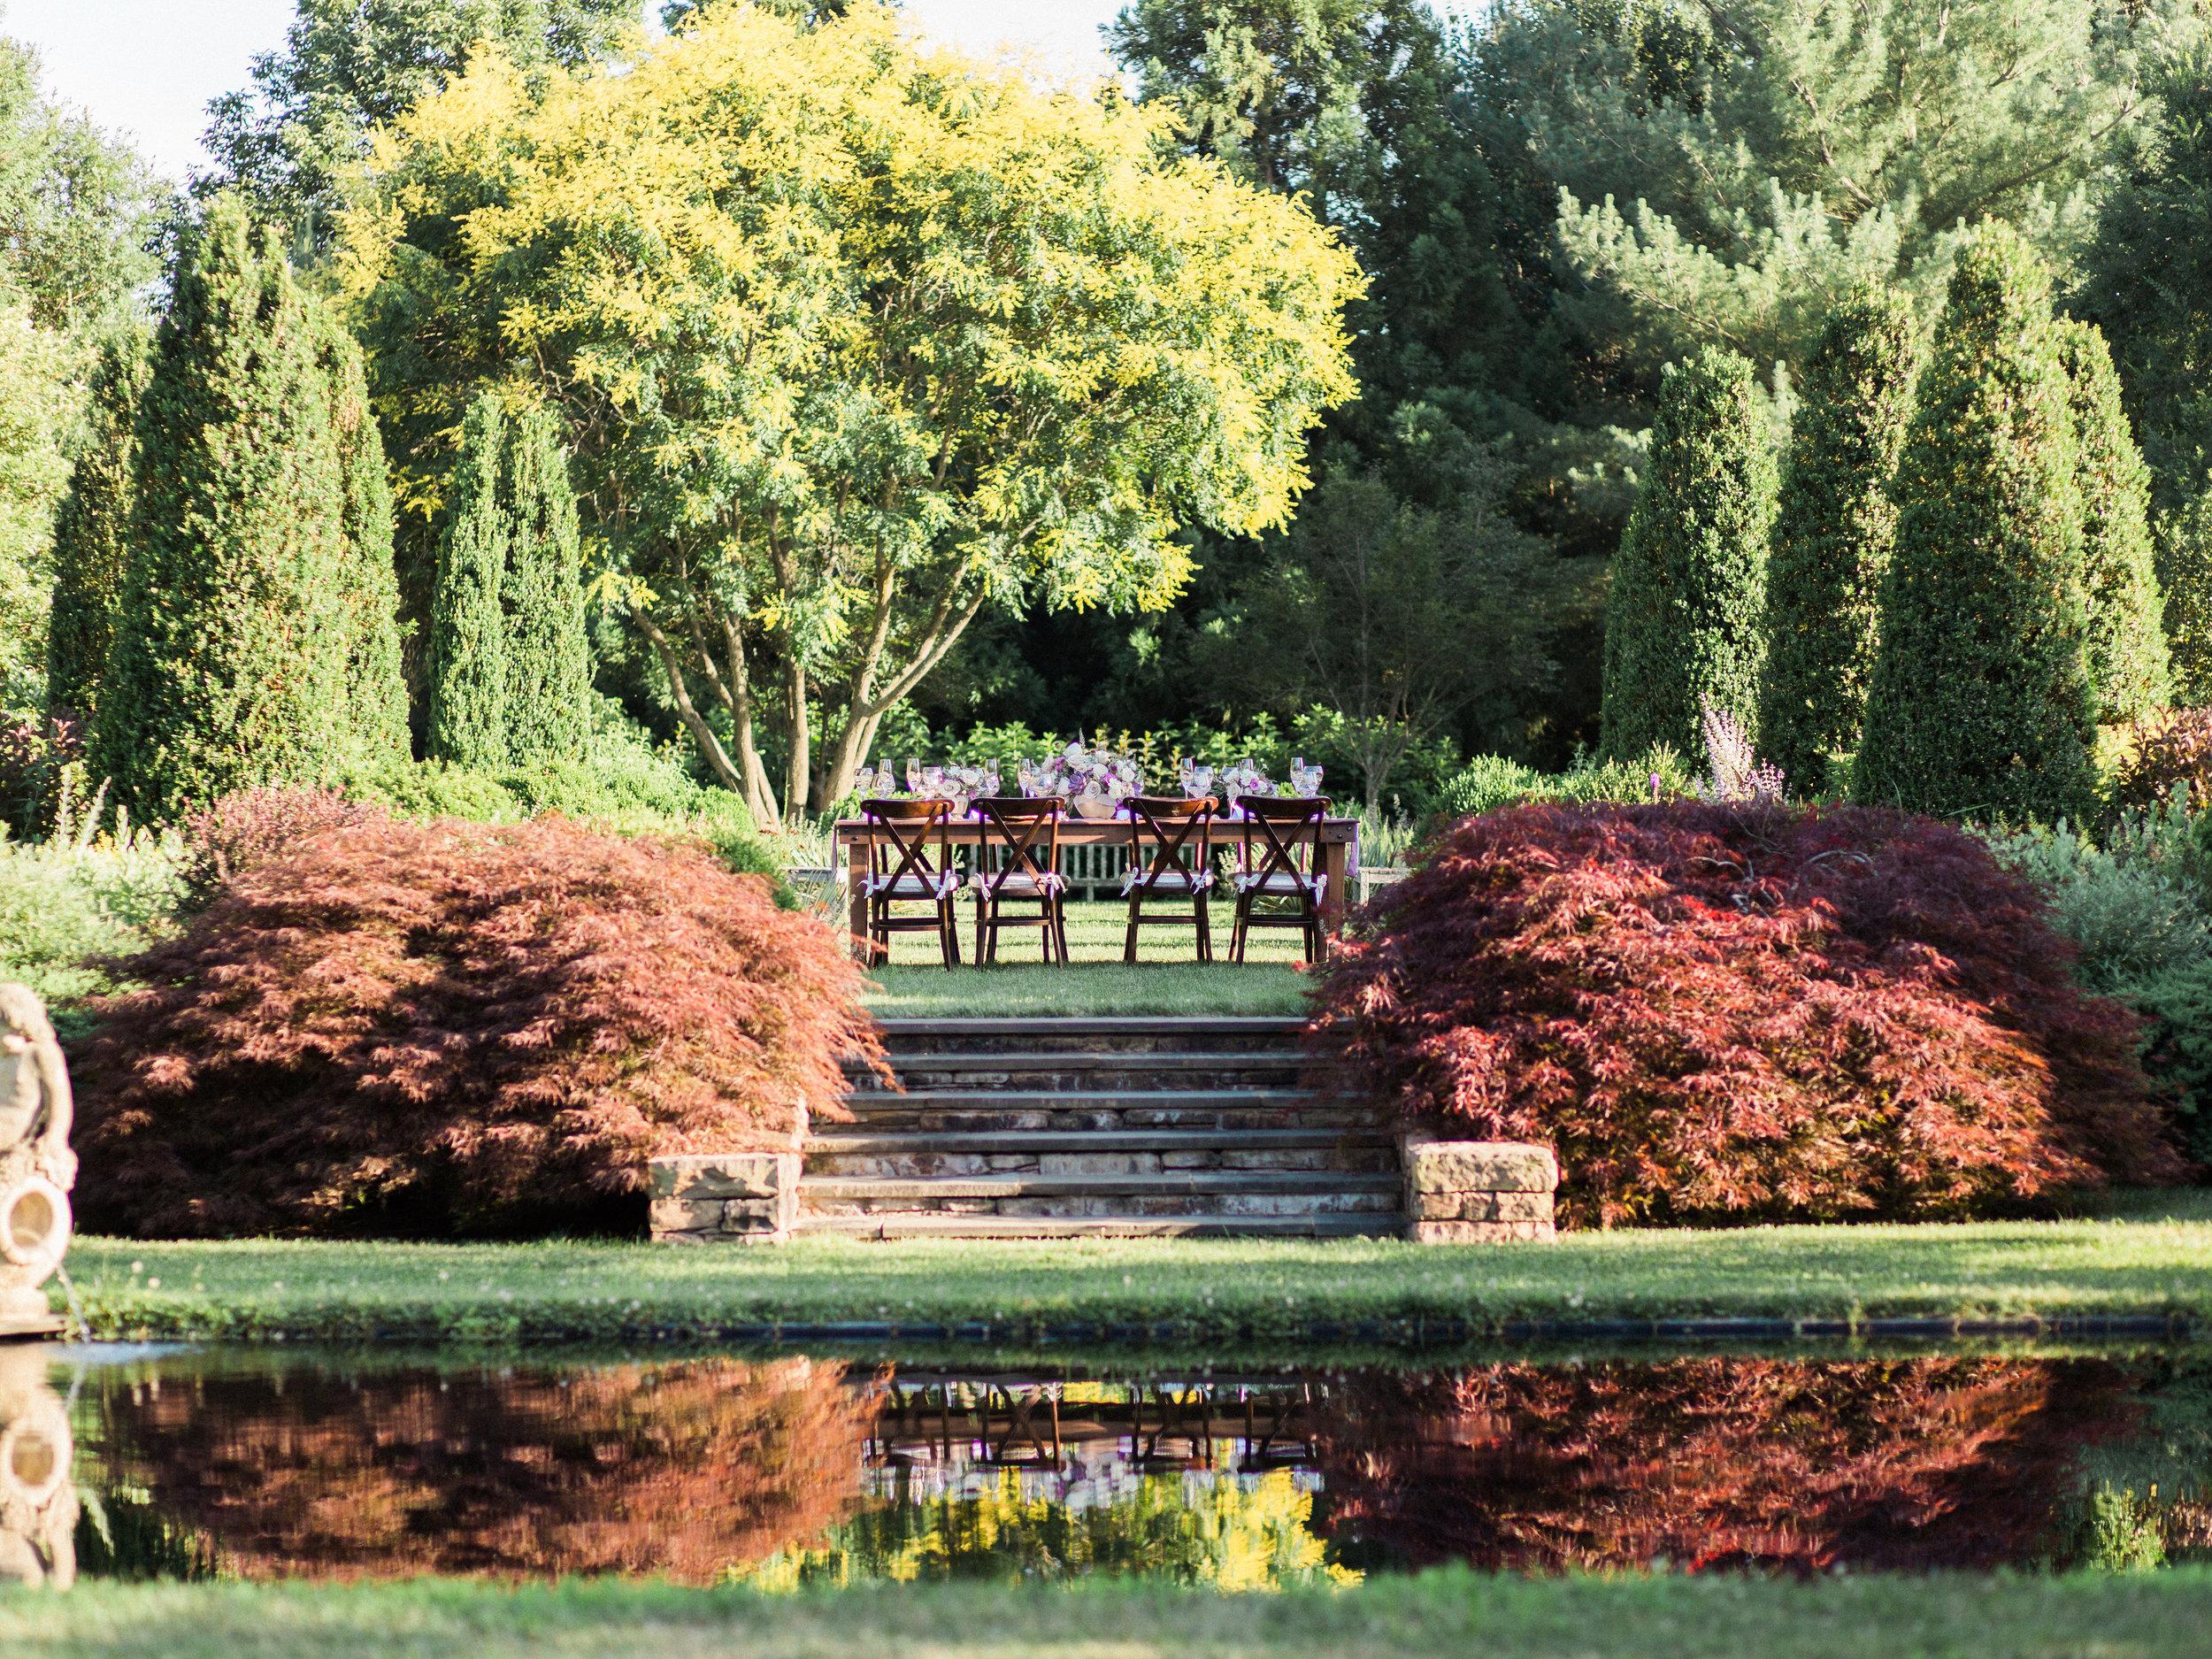 enchanted_garden11.JPG